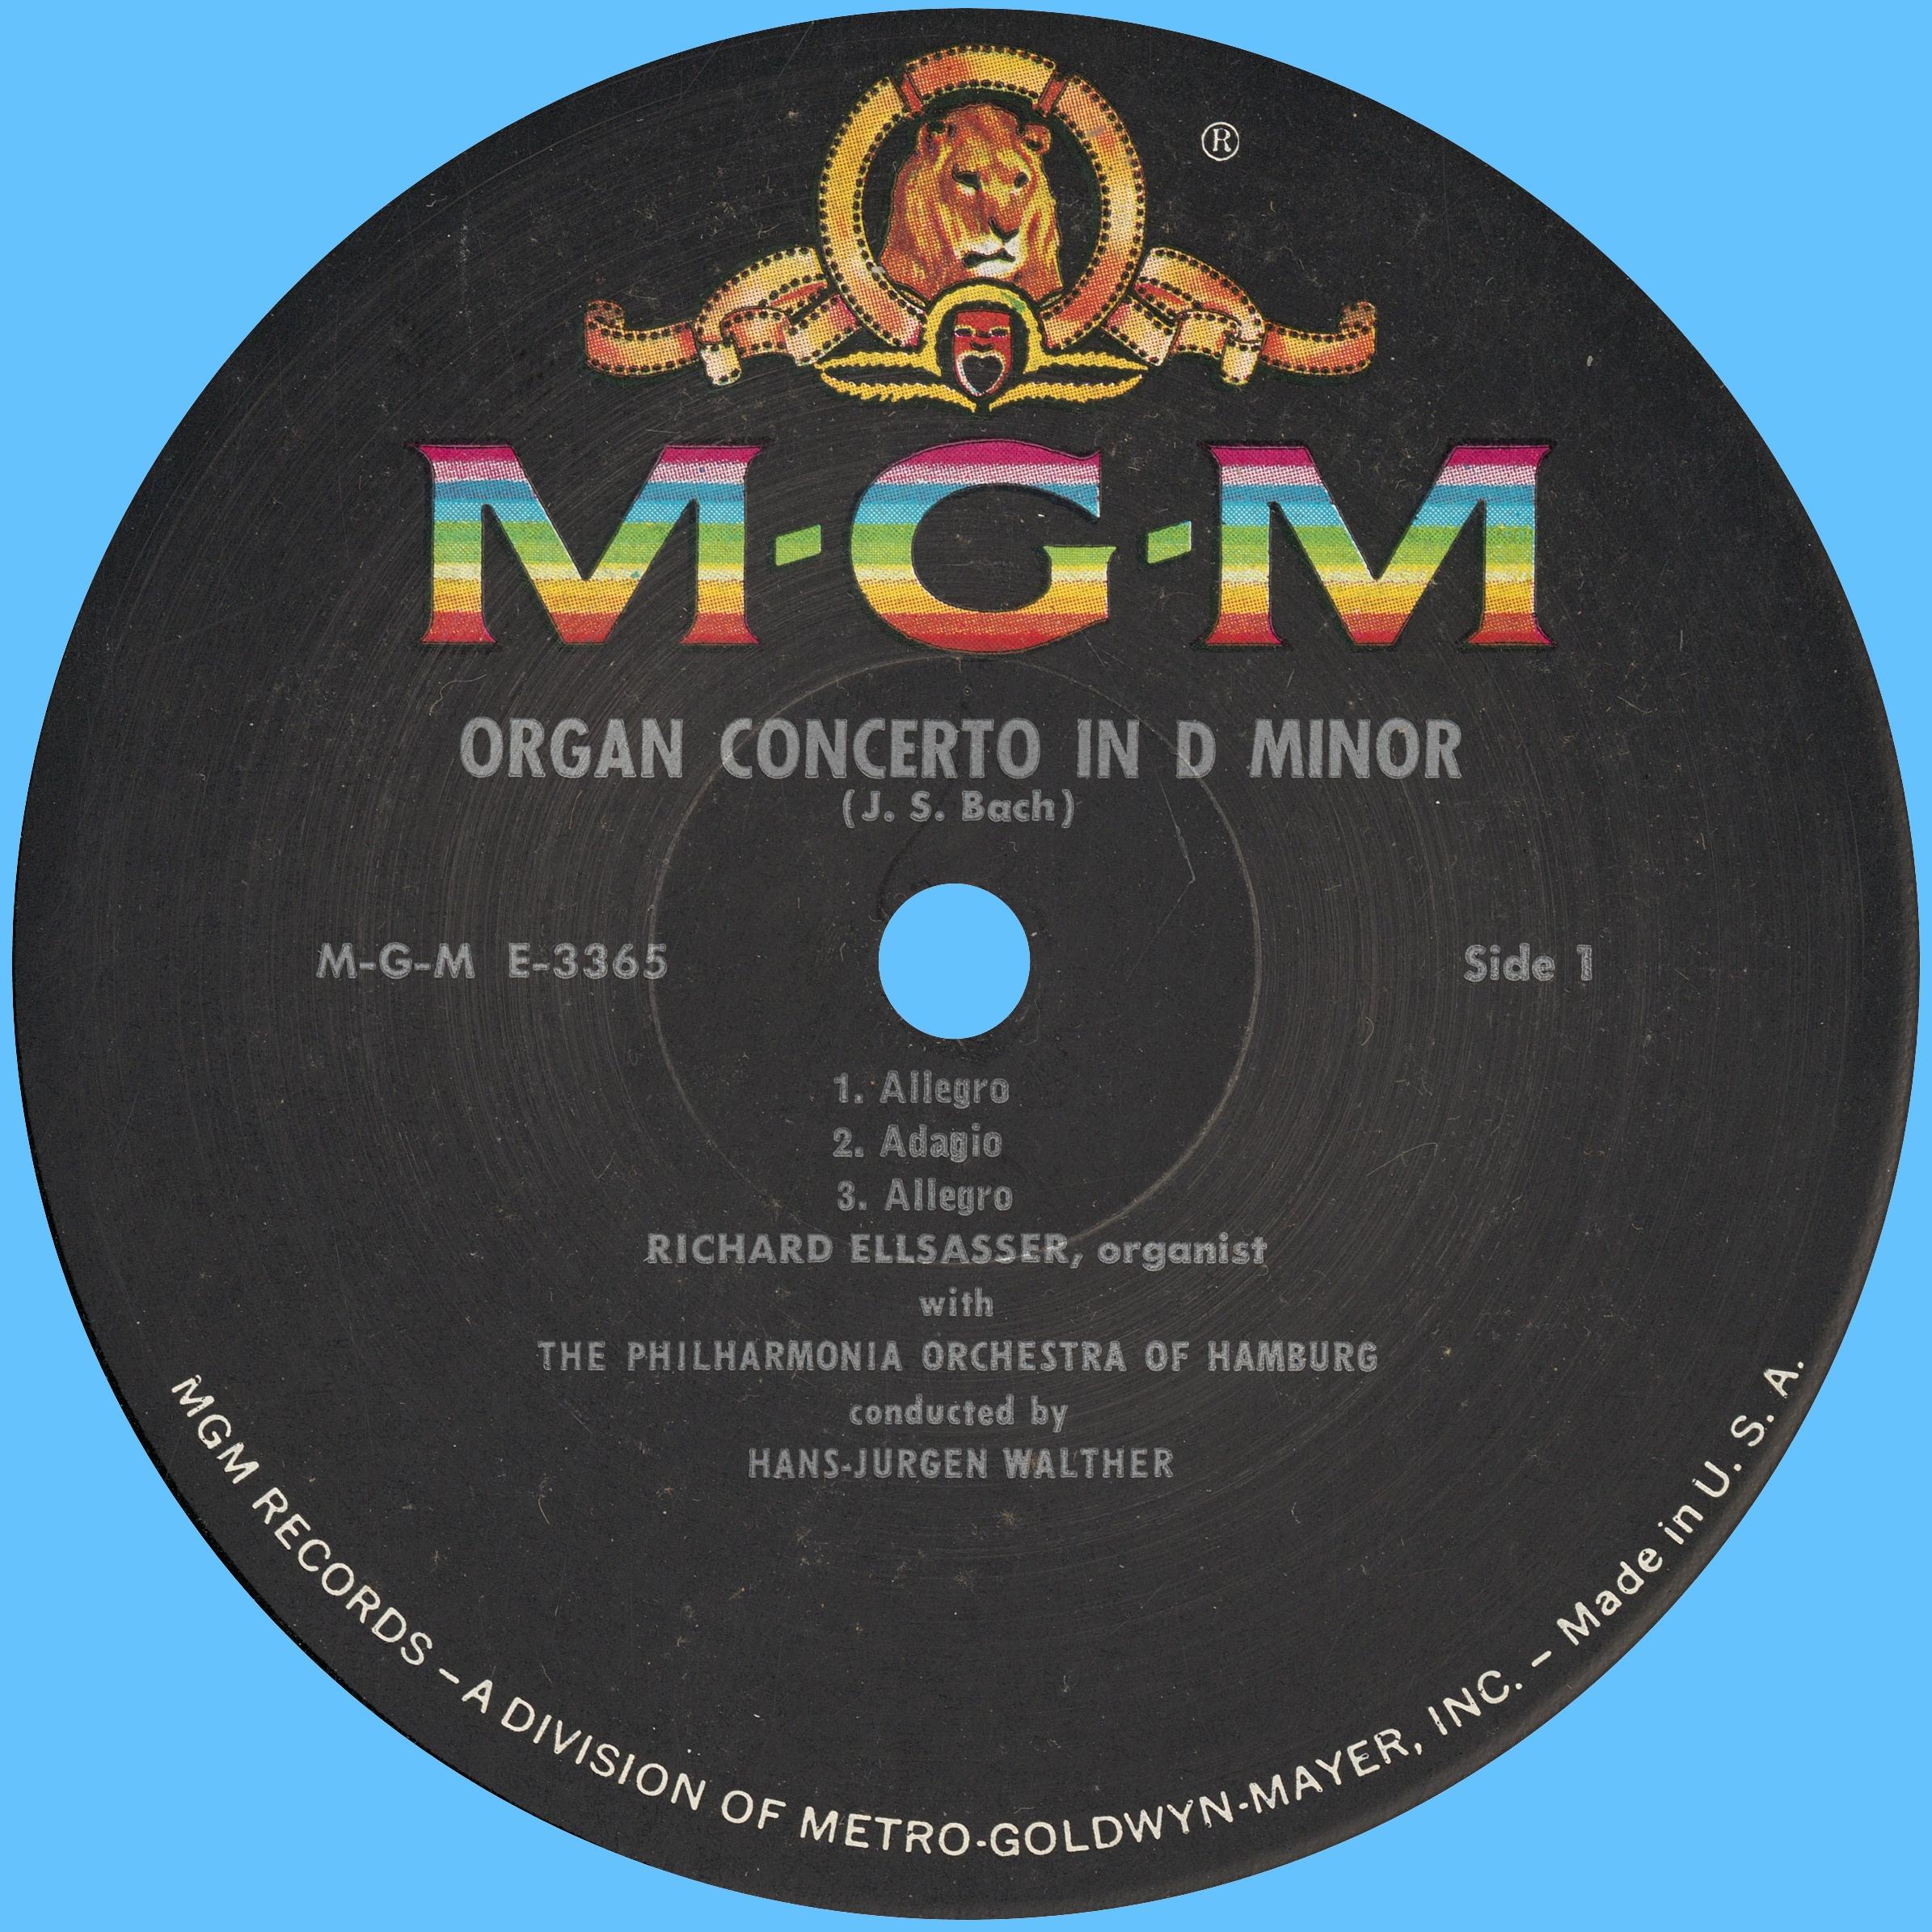 Disque Metro Goldwin Mayer MGM E 3365, étiquette recto